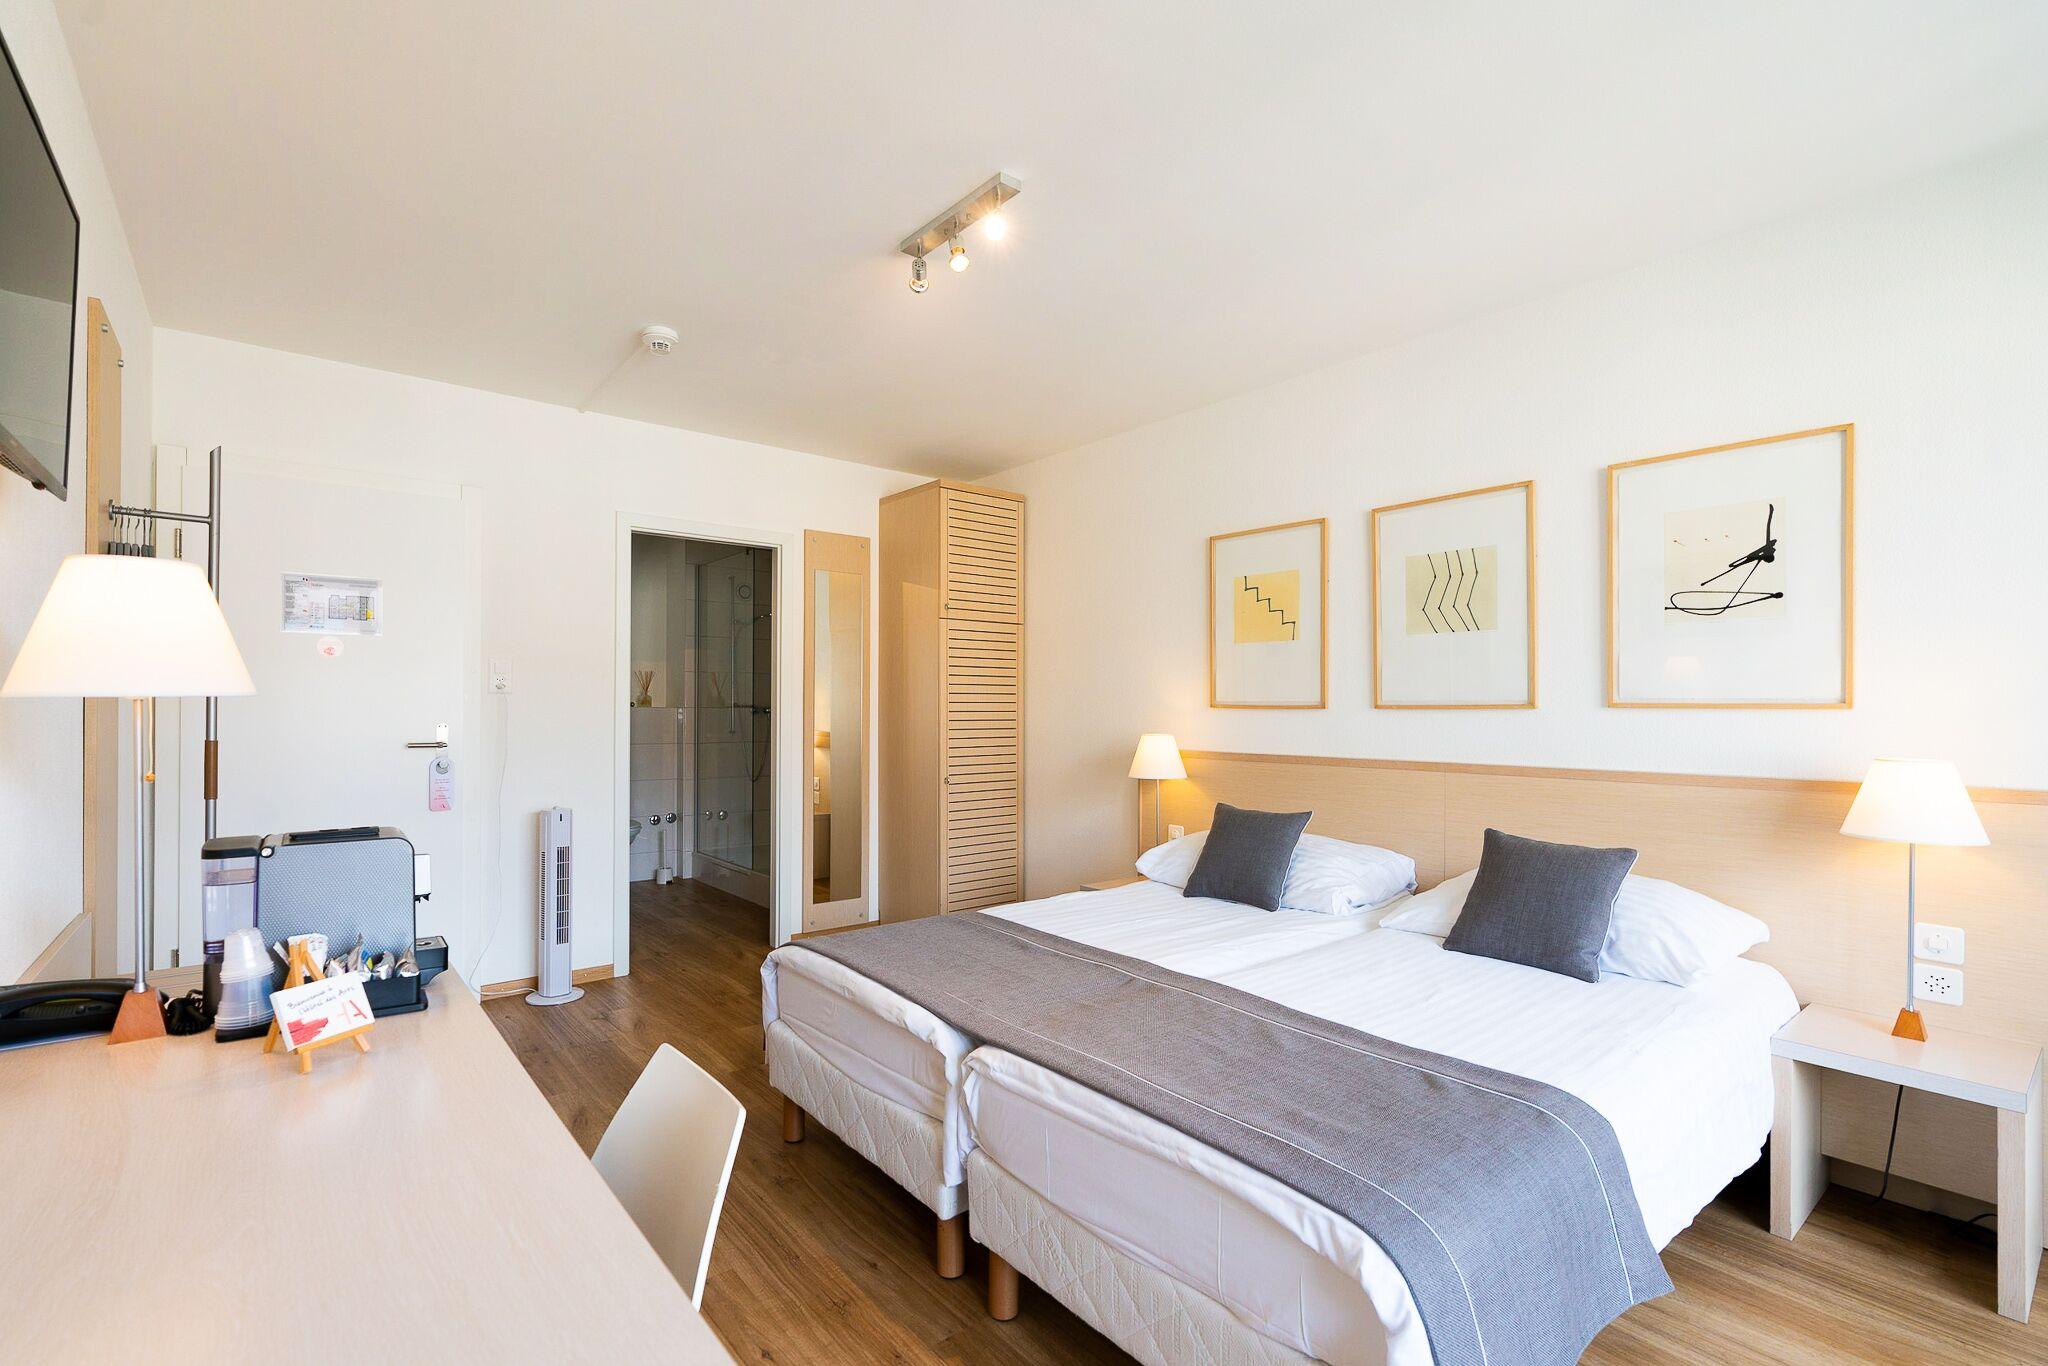 Doppelzimmer - 22m2 - für 1 bis 4 Personen | Hôtel des Arts